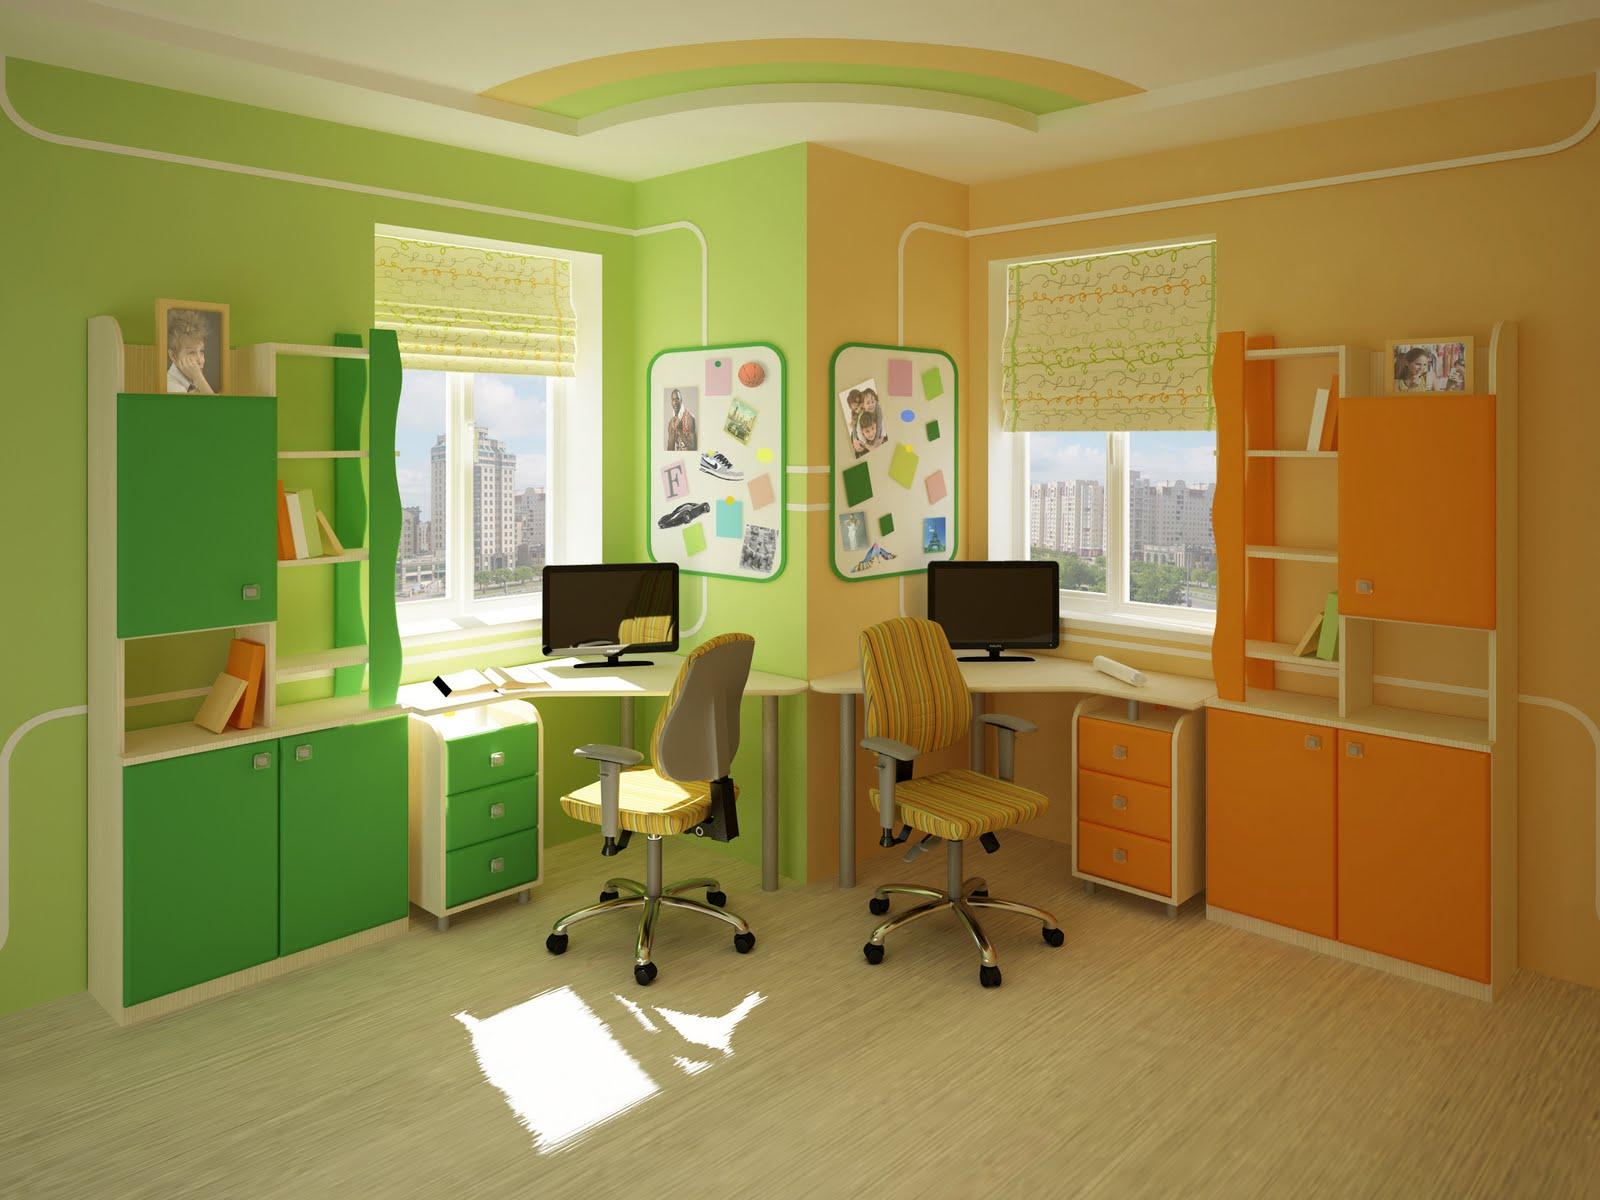 угловой письменный стол для двоих детей 38 фото детский